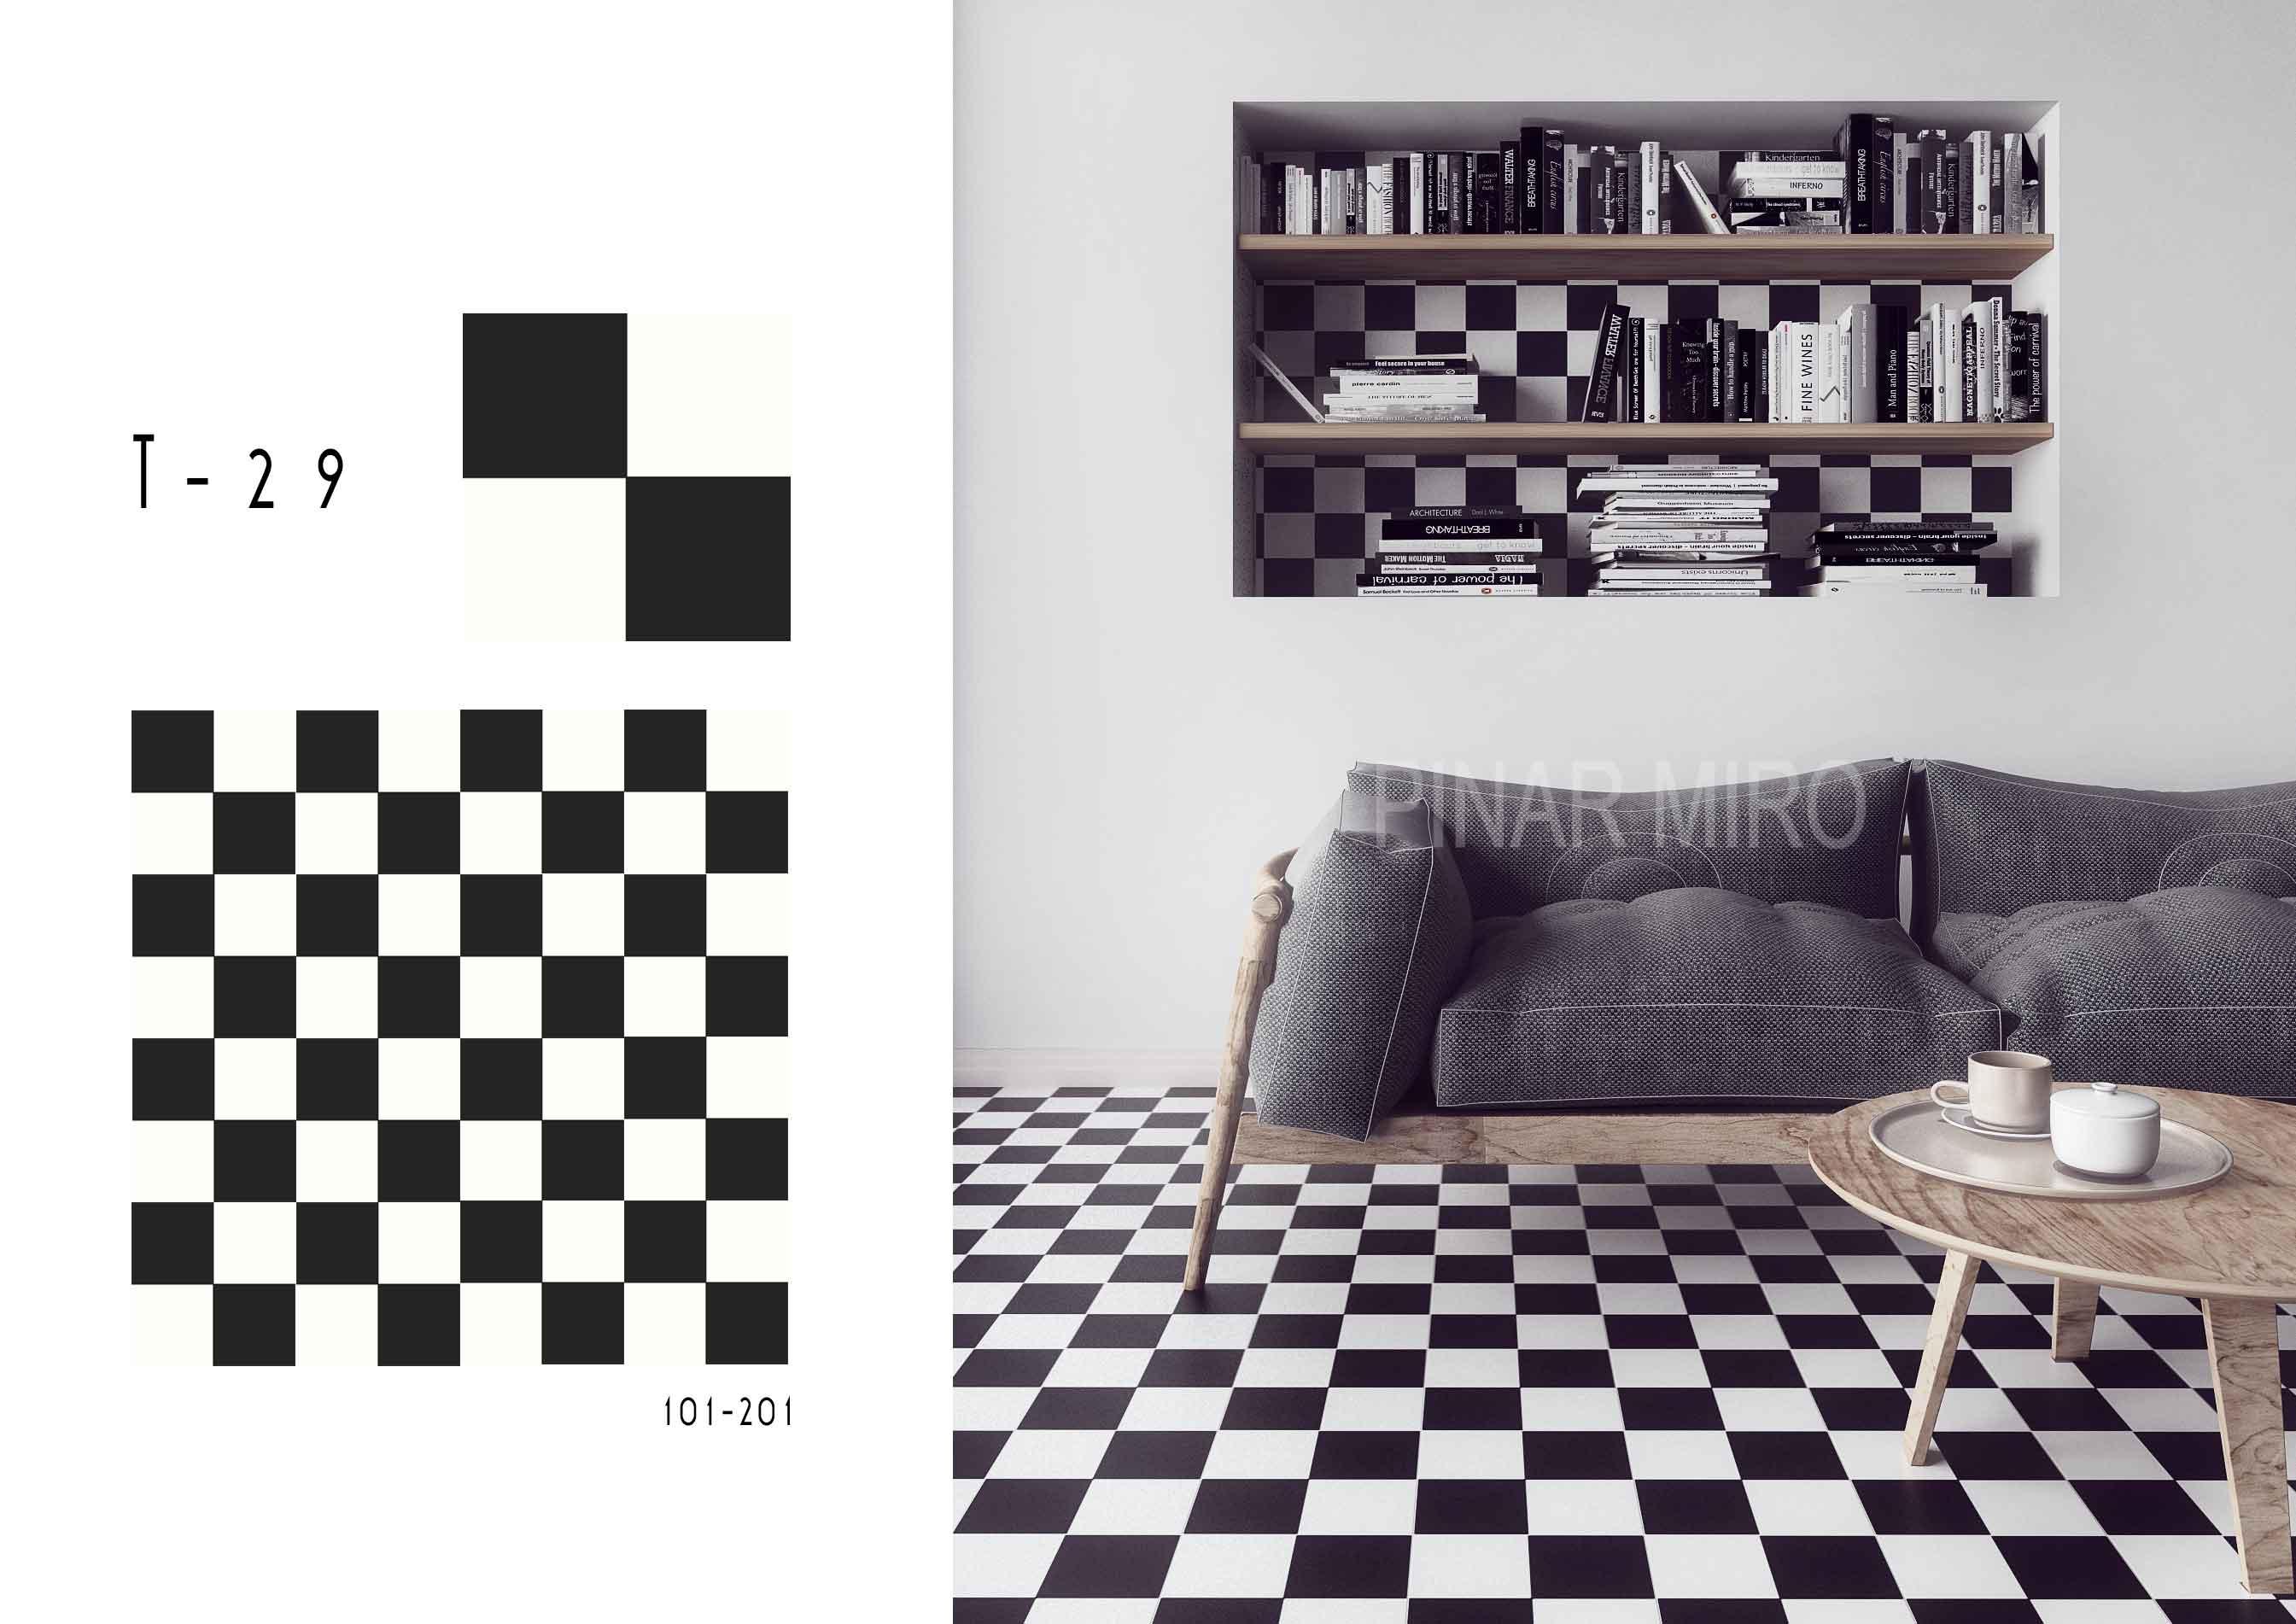 1t029-pinar-miro-cement-tiles